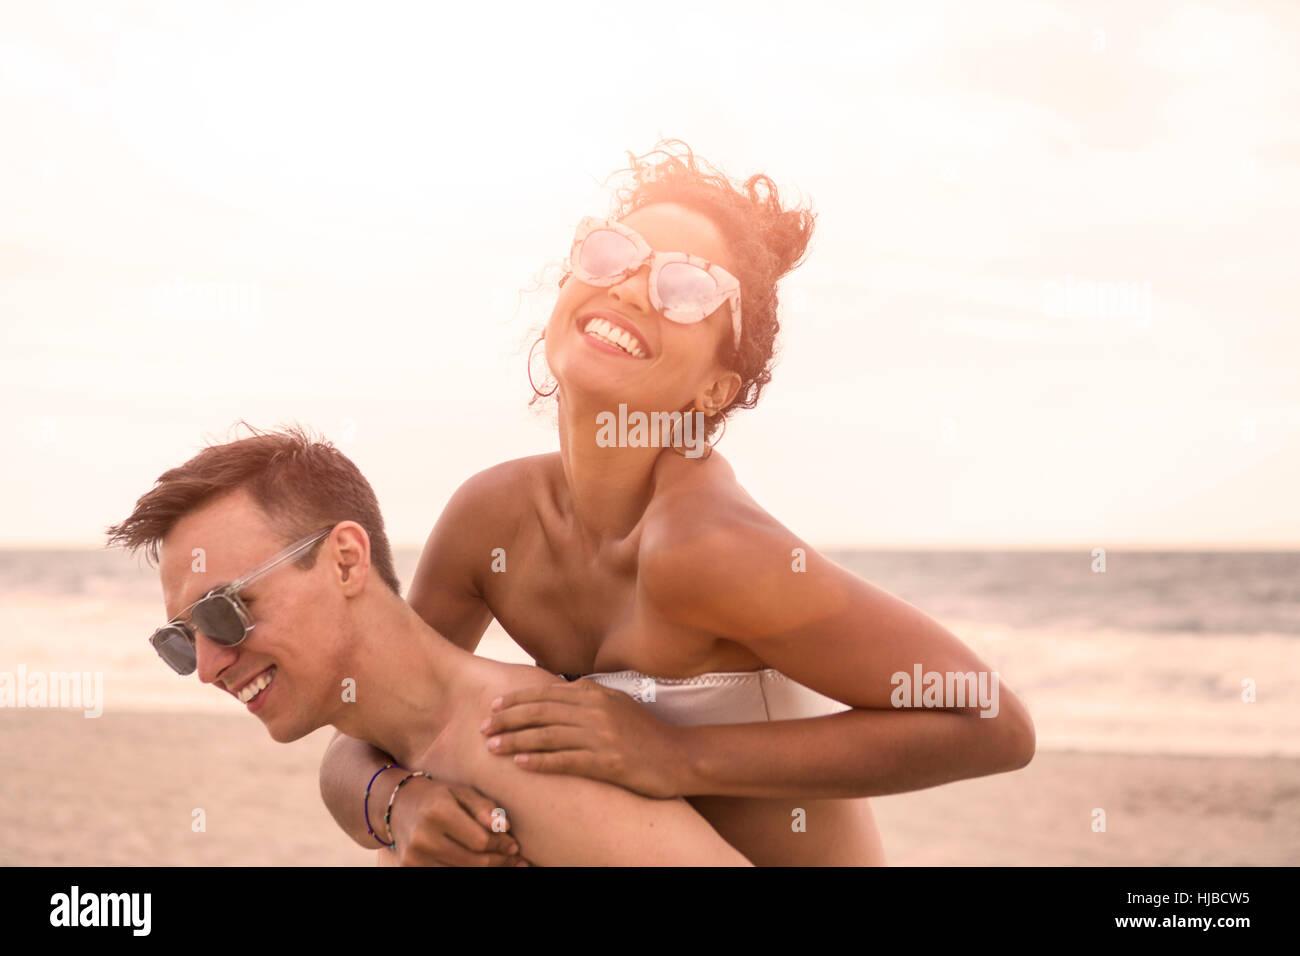 Joven dando piggy back para novia en Rockaway Beach, Estado de Nueva York, EE.UU. Imagen De Stock